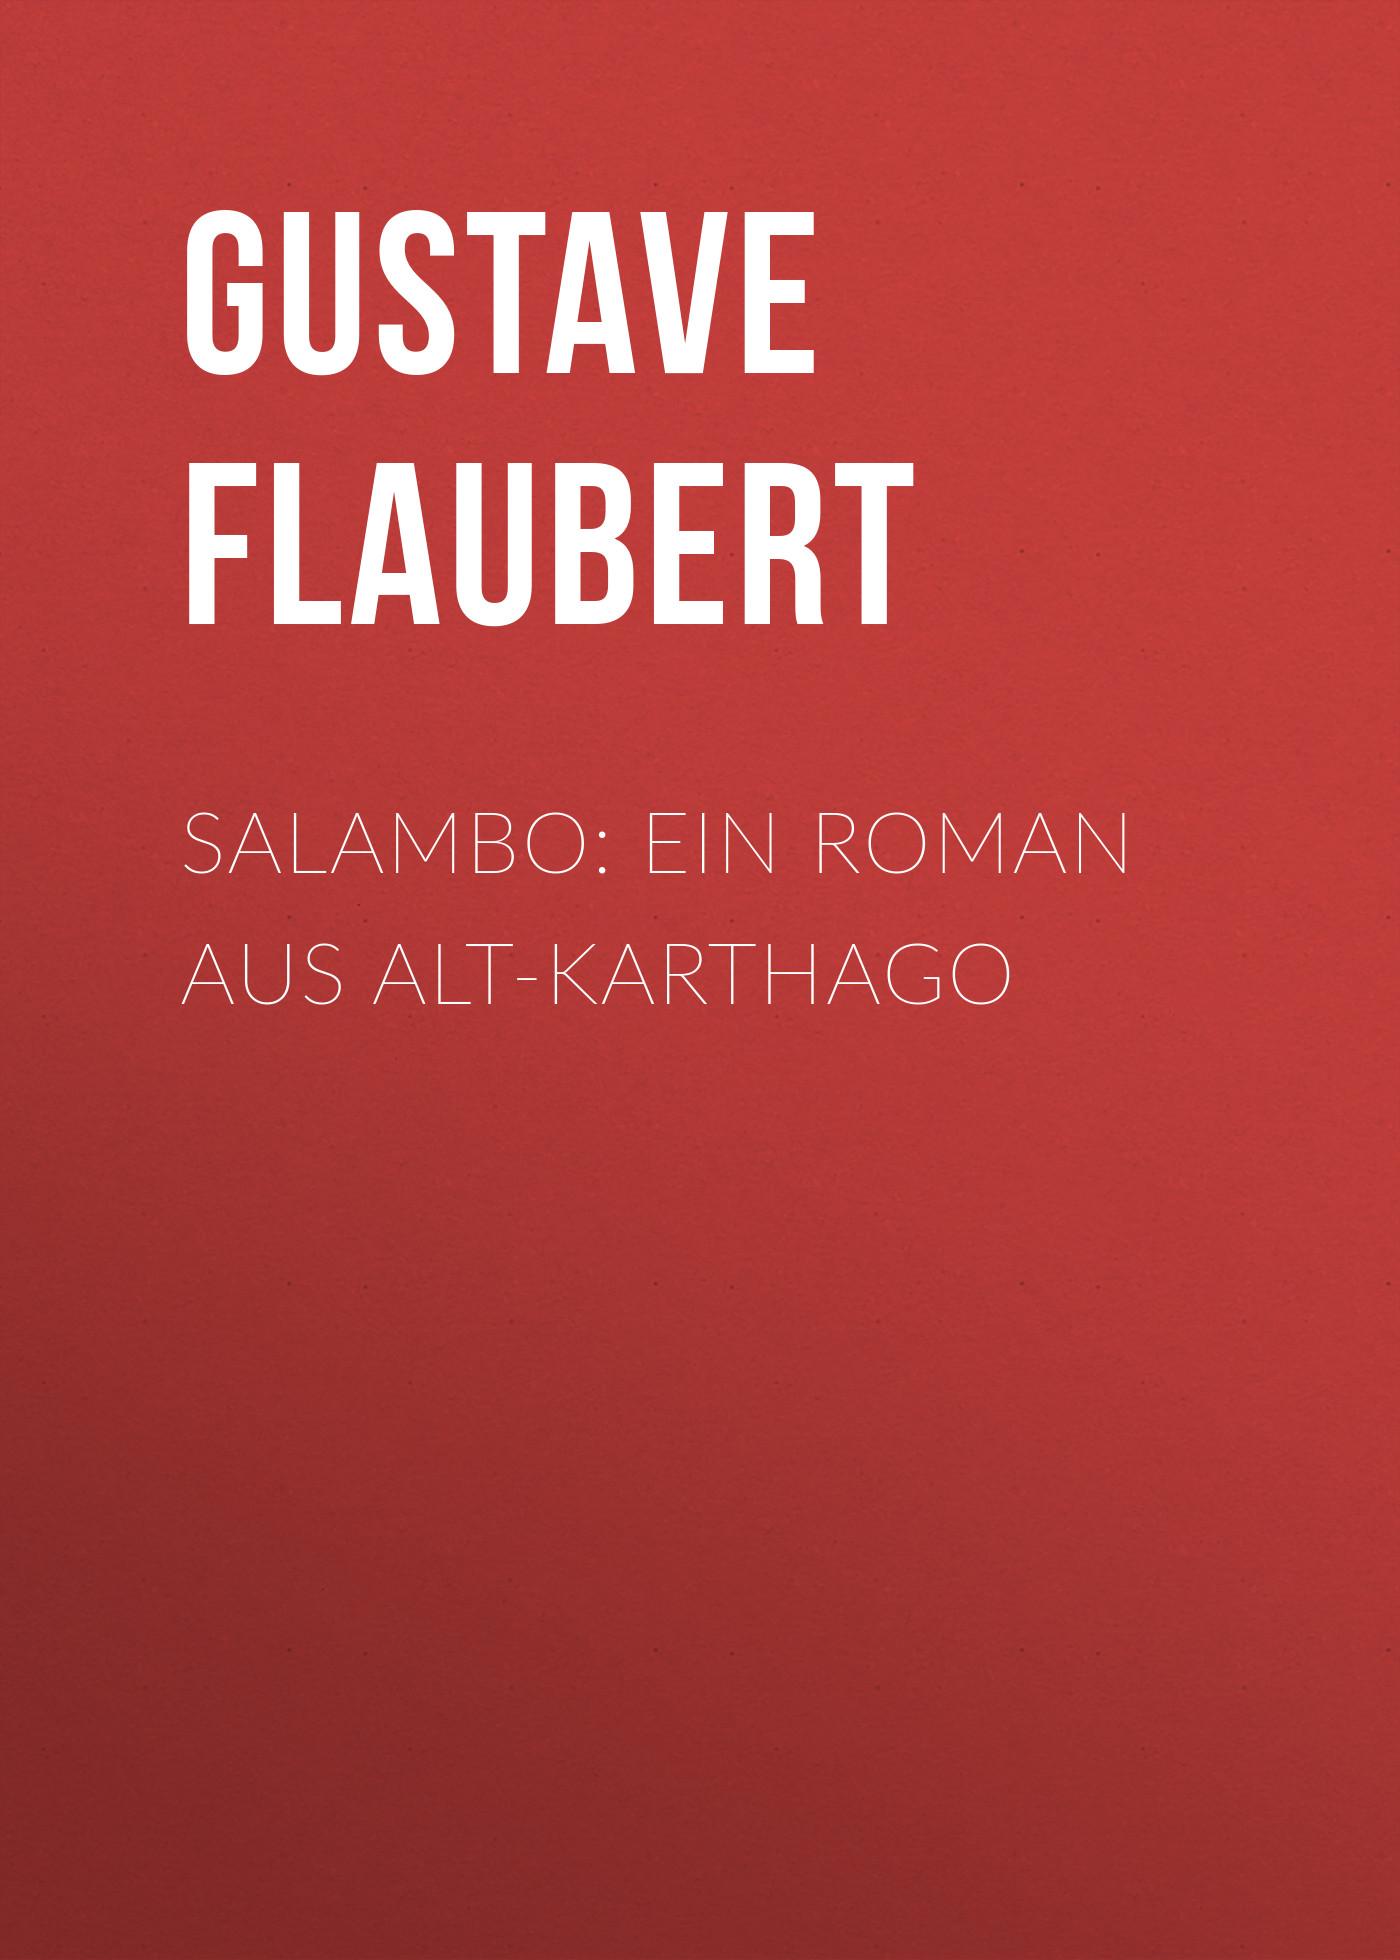 Gustave Flaubert Salambo: Ein Roman aus Alt-Karthago